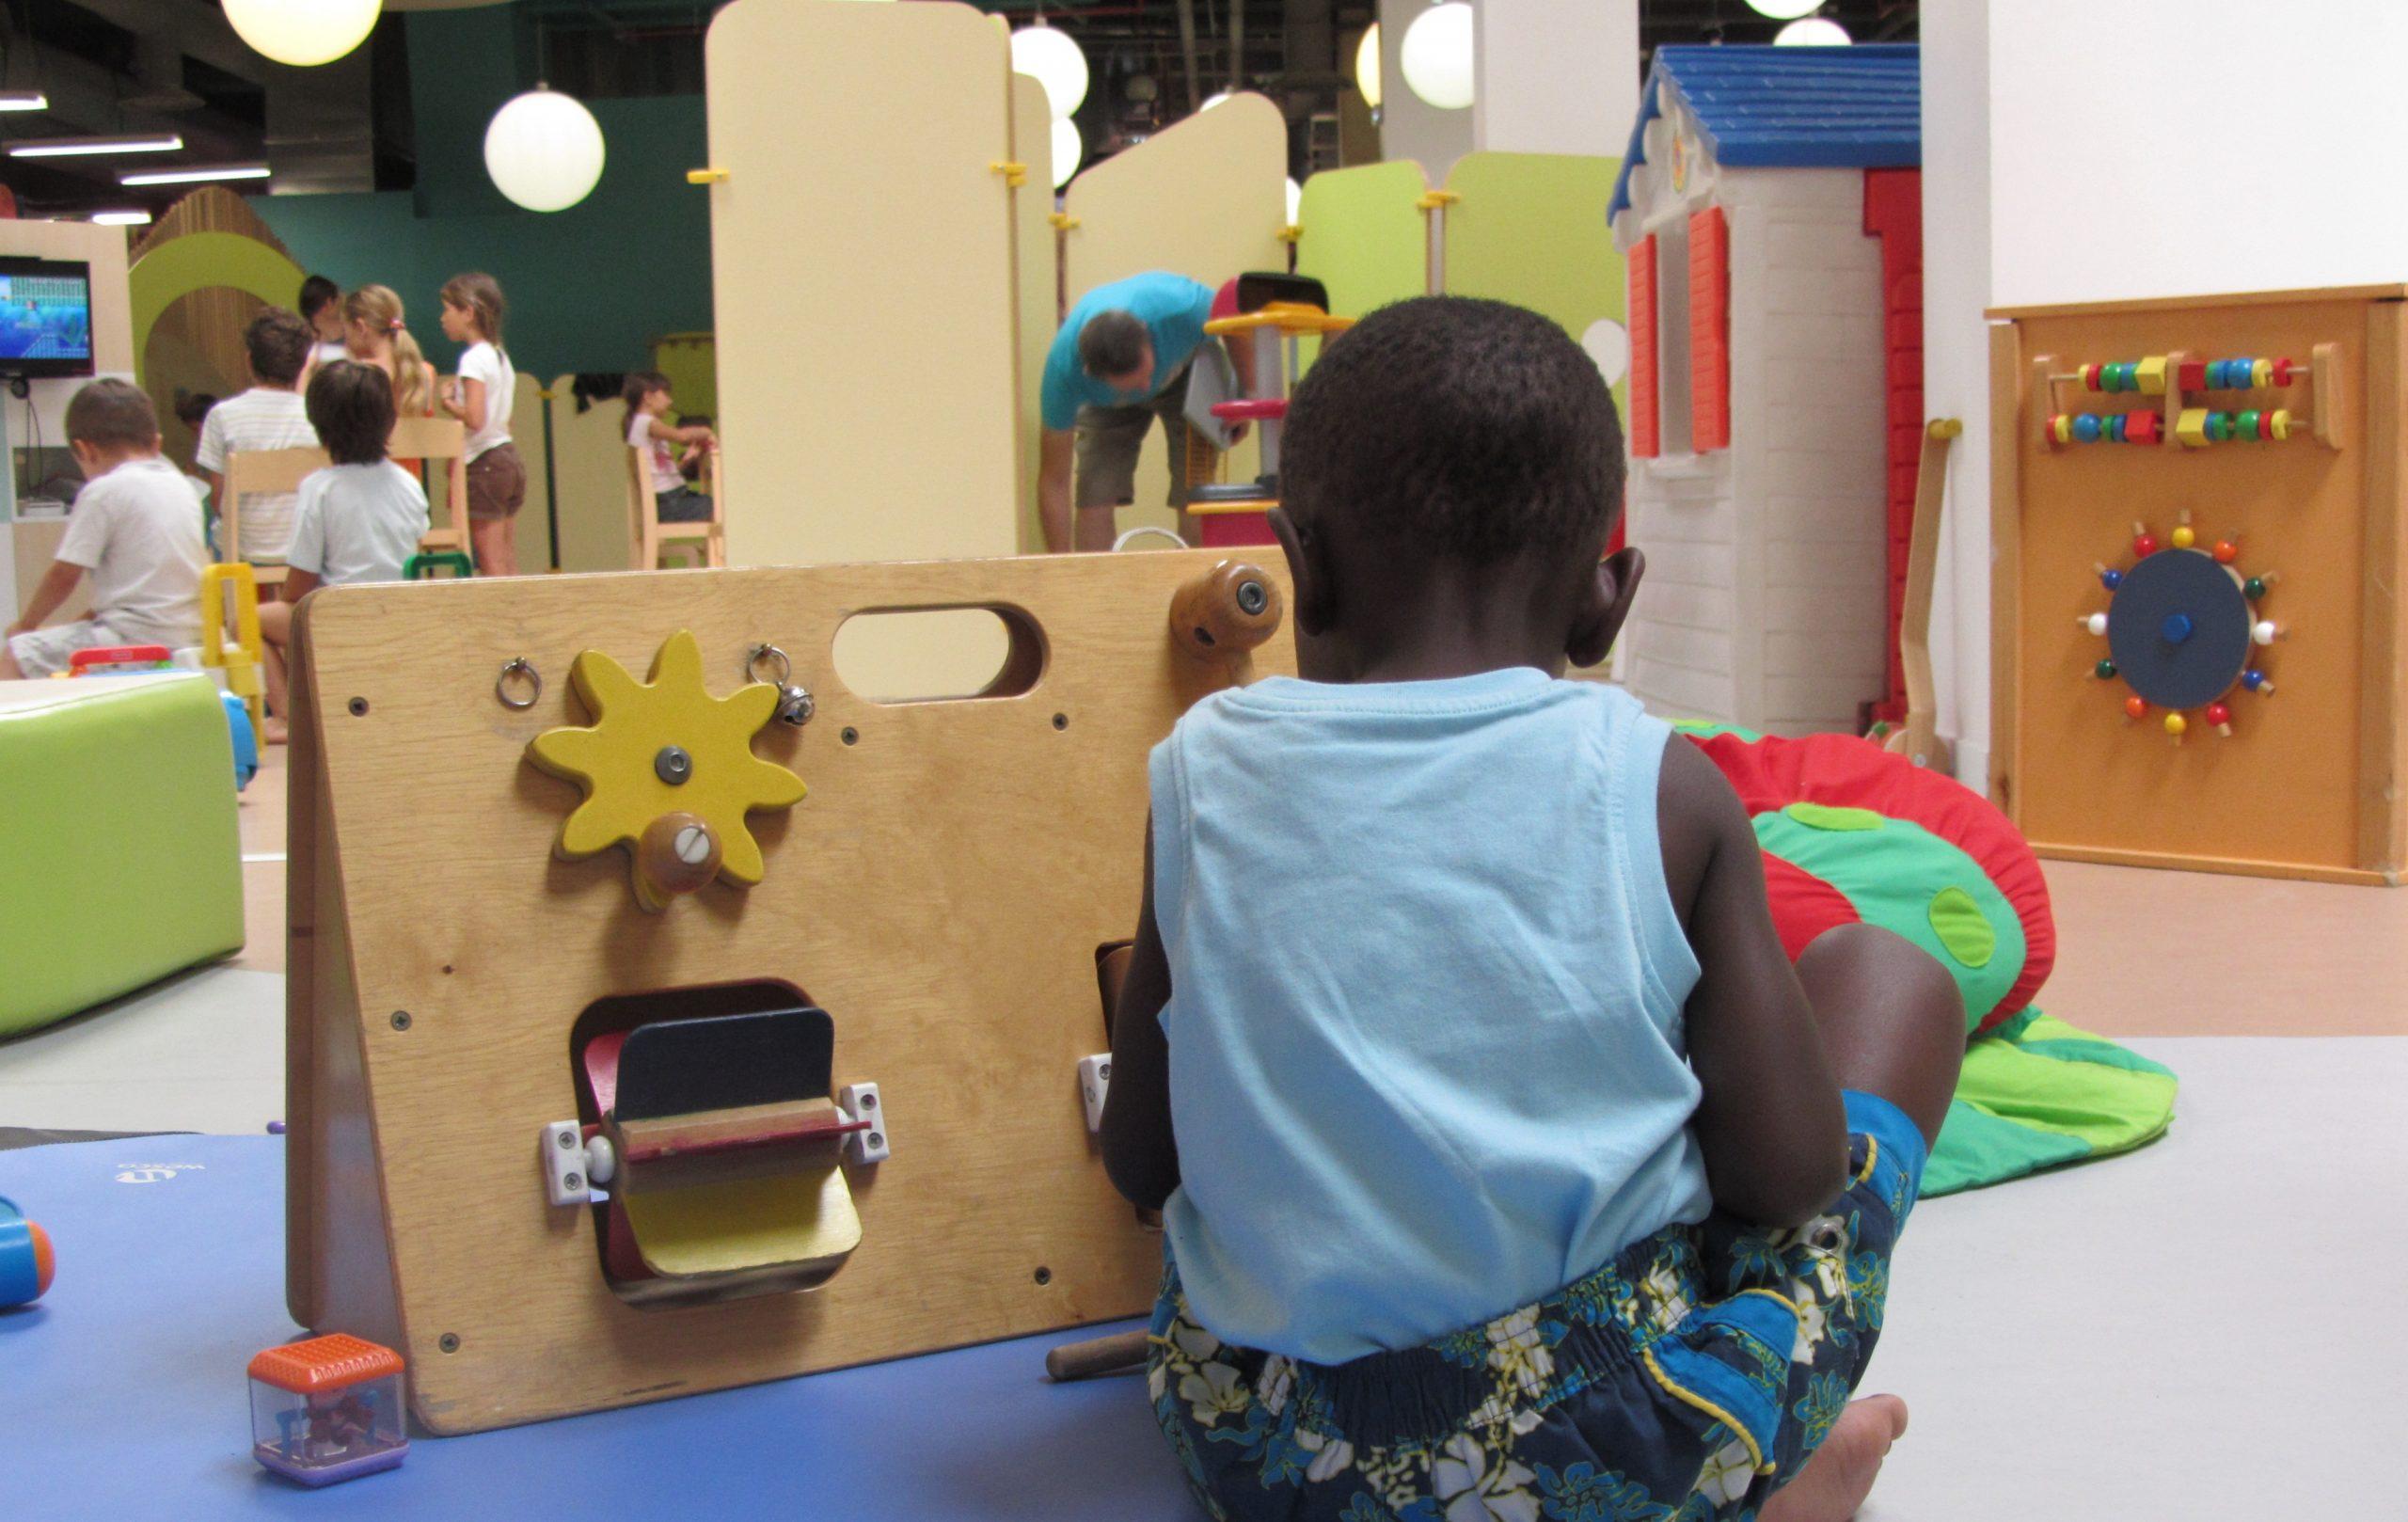 Le Jeu Chez L'enfant De Moins De 3 Ans à Jeux Enfant De 3 Ans